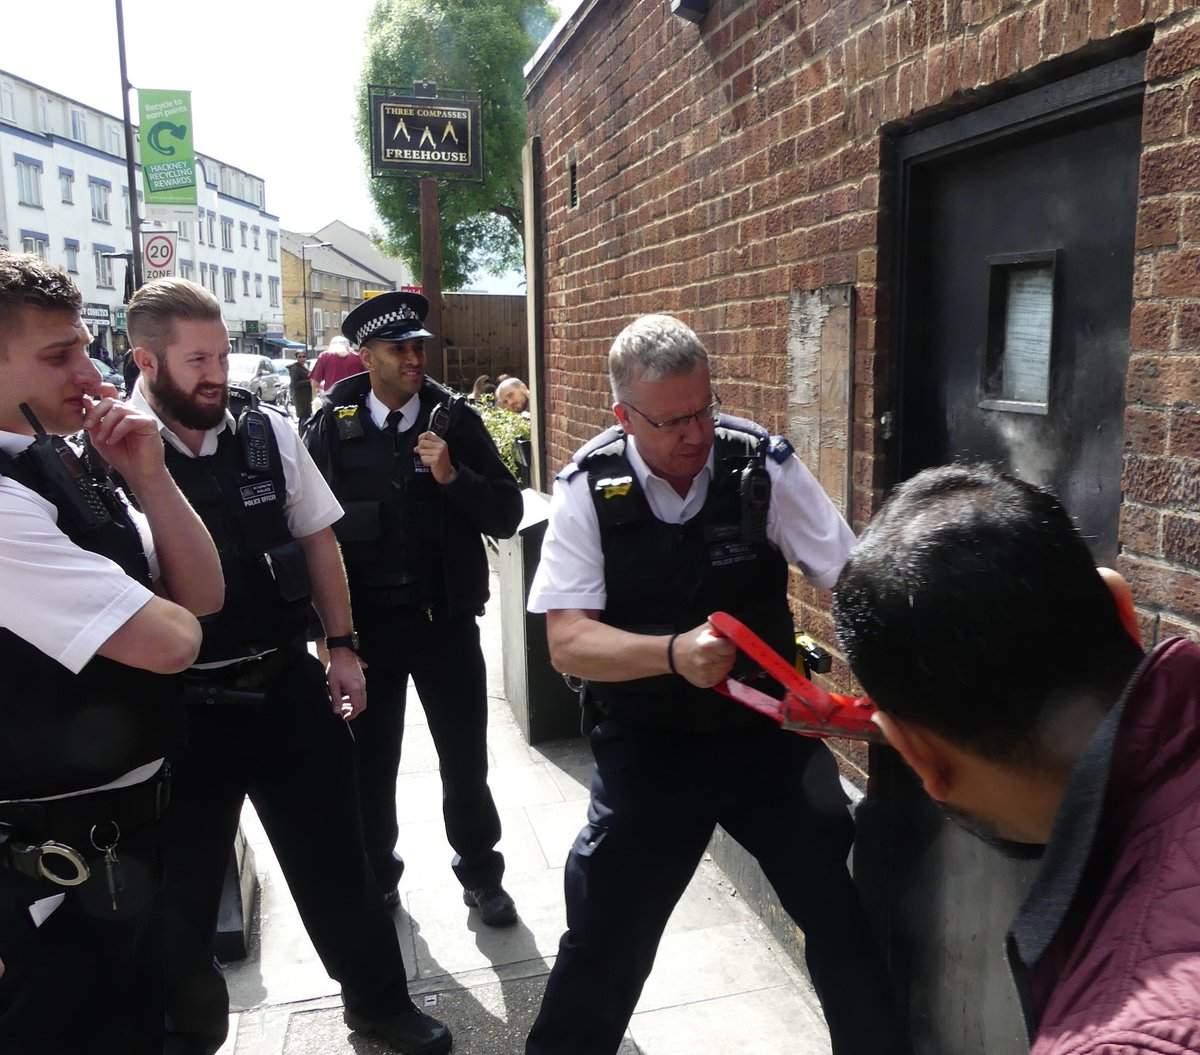 Ambasada României din Londra se mută din actualul sediu, după ce proprietarii s-au întors pe neaşteptate din vacanţă